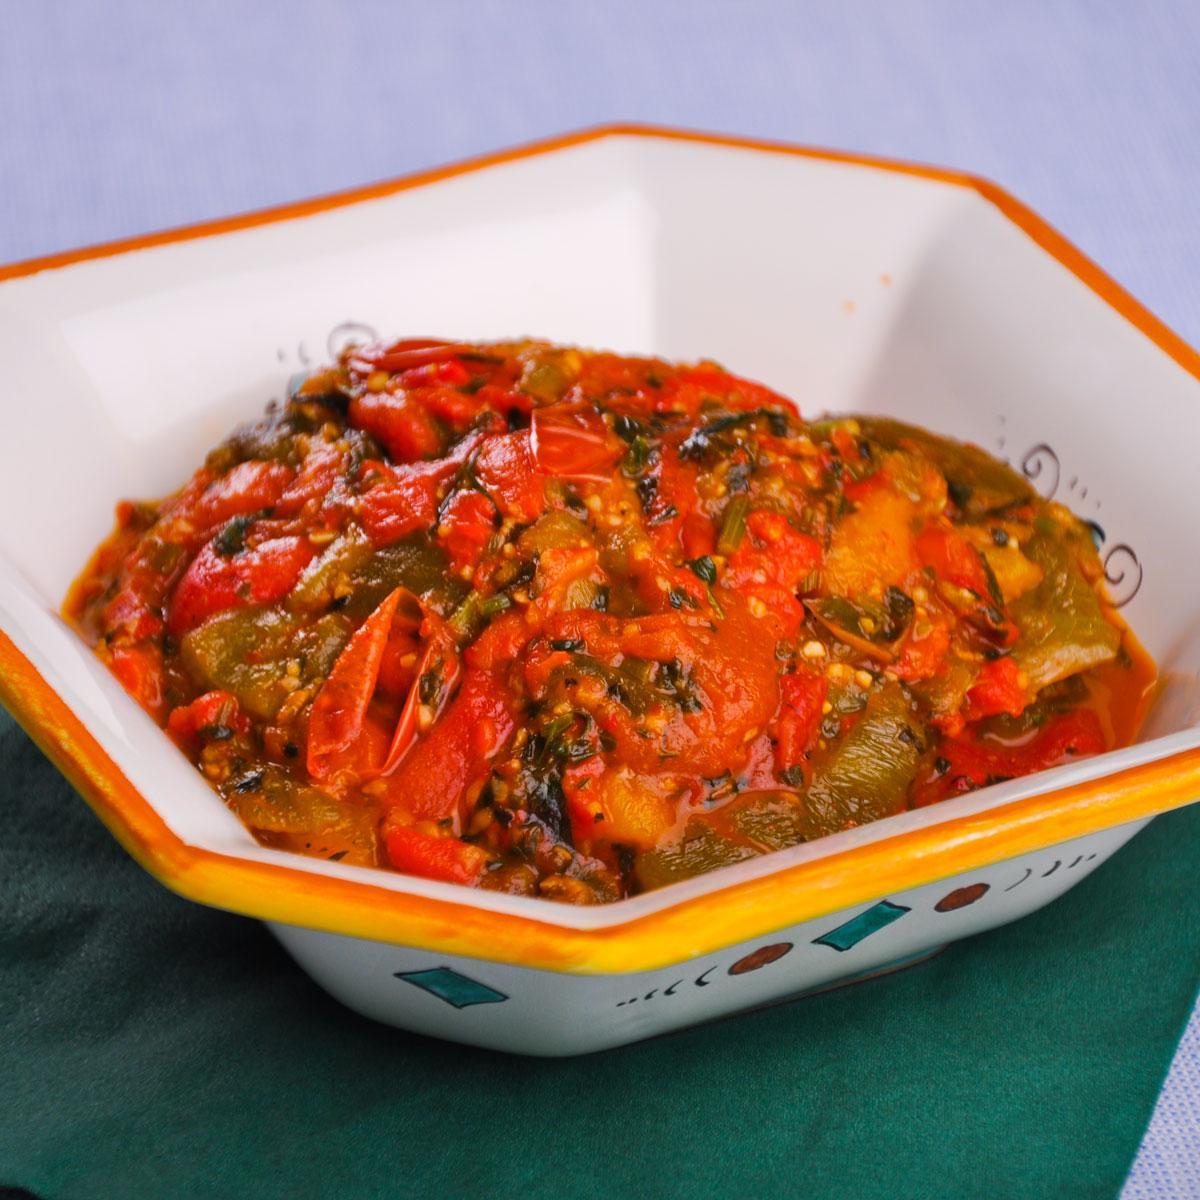 Recette salade marocaine aux poivrons cuisine madame figaro - Site de recettes cuisine ...